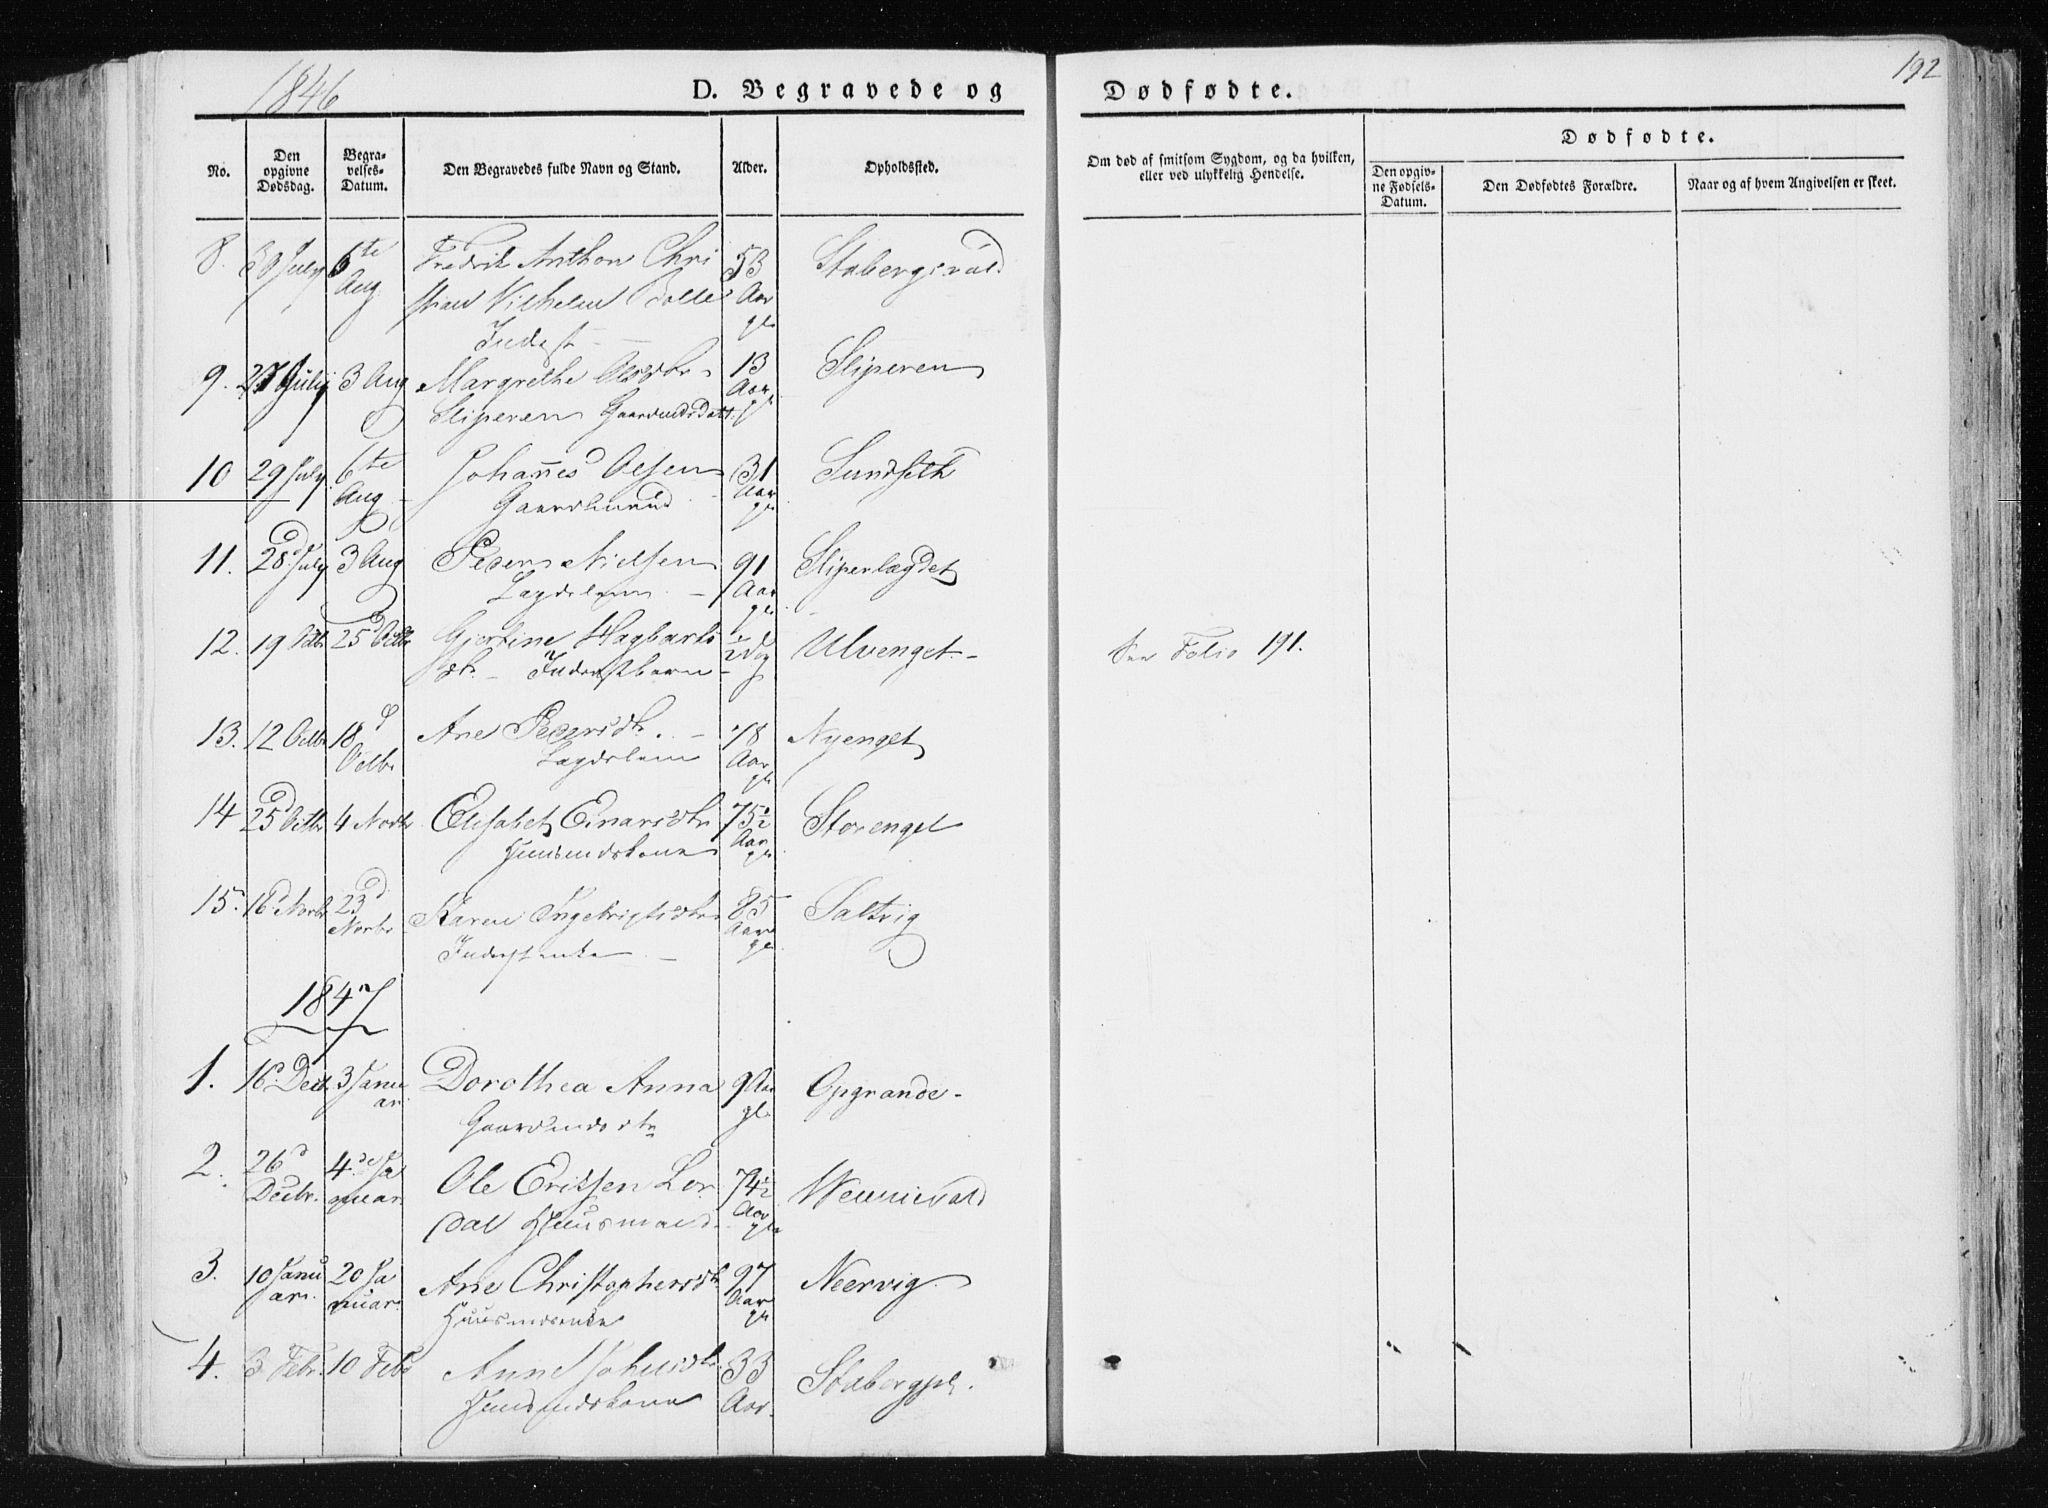 SAT, Ministerialprotokoller, klokkerbøker og fødselsregistre - Nord-Trøndelag, 733/L0323: Ministerialbok nr. 733A02, 1843-1870, s. 192